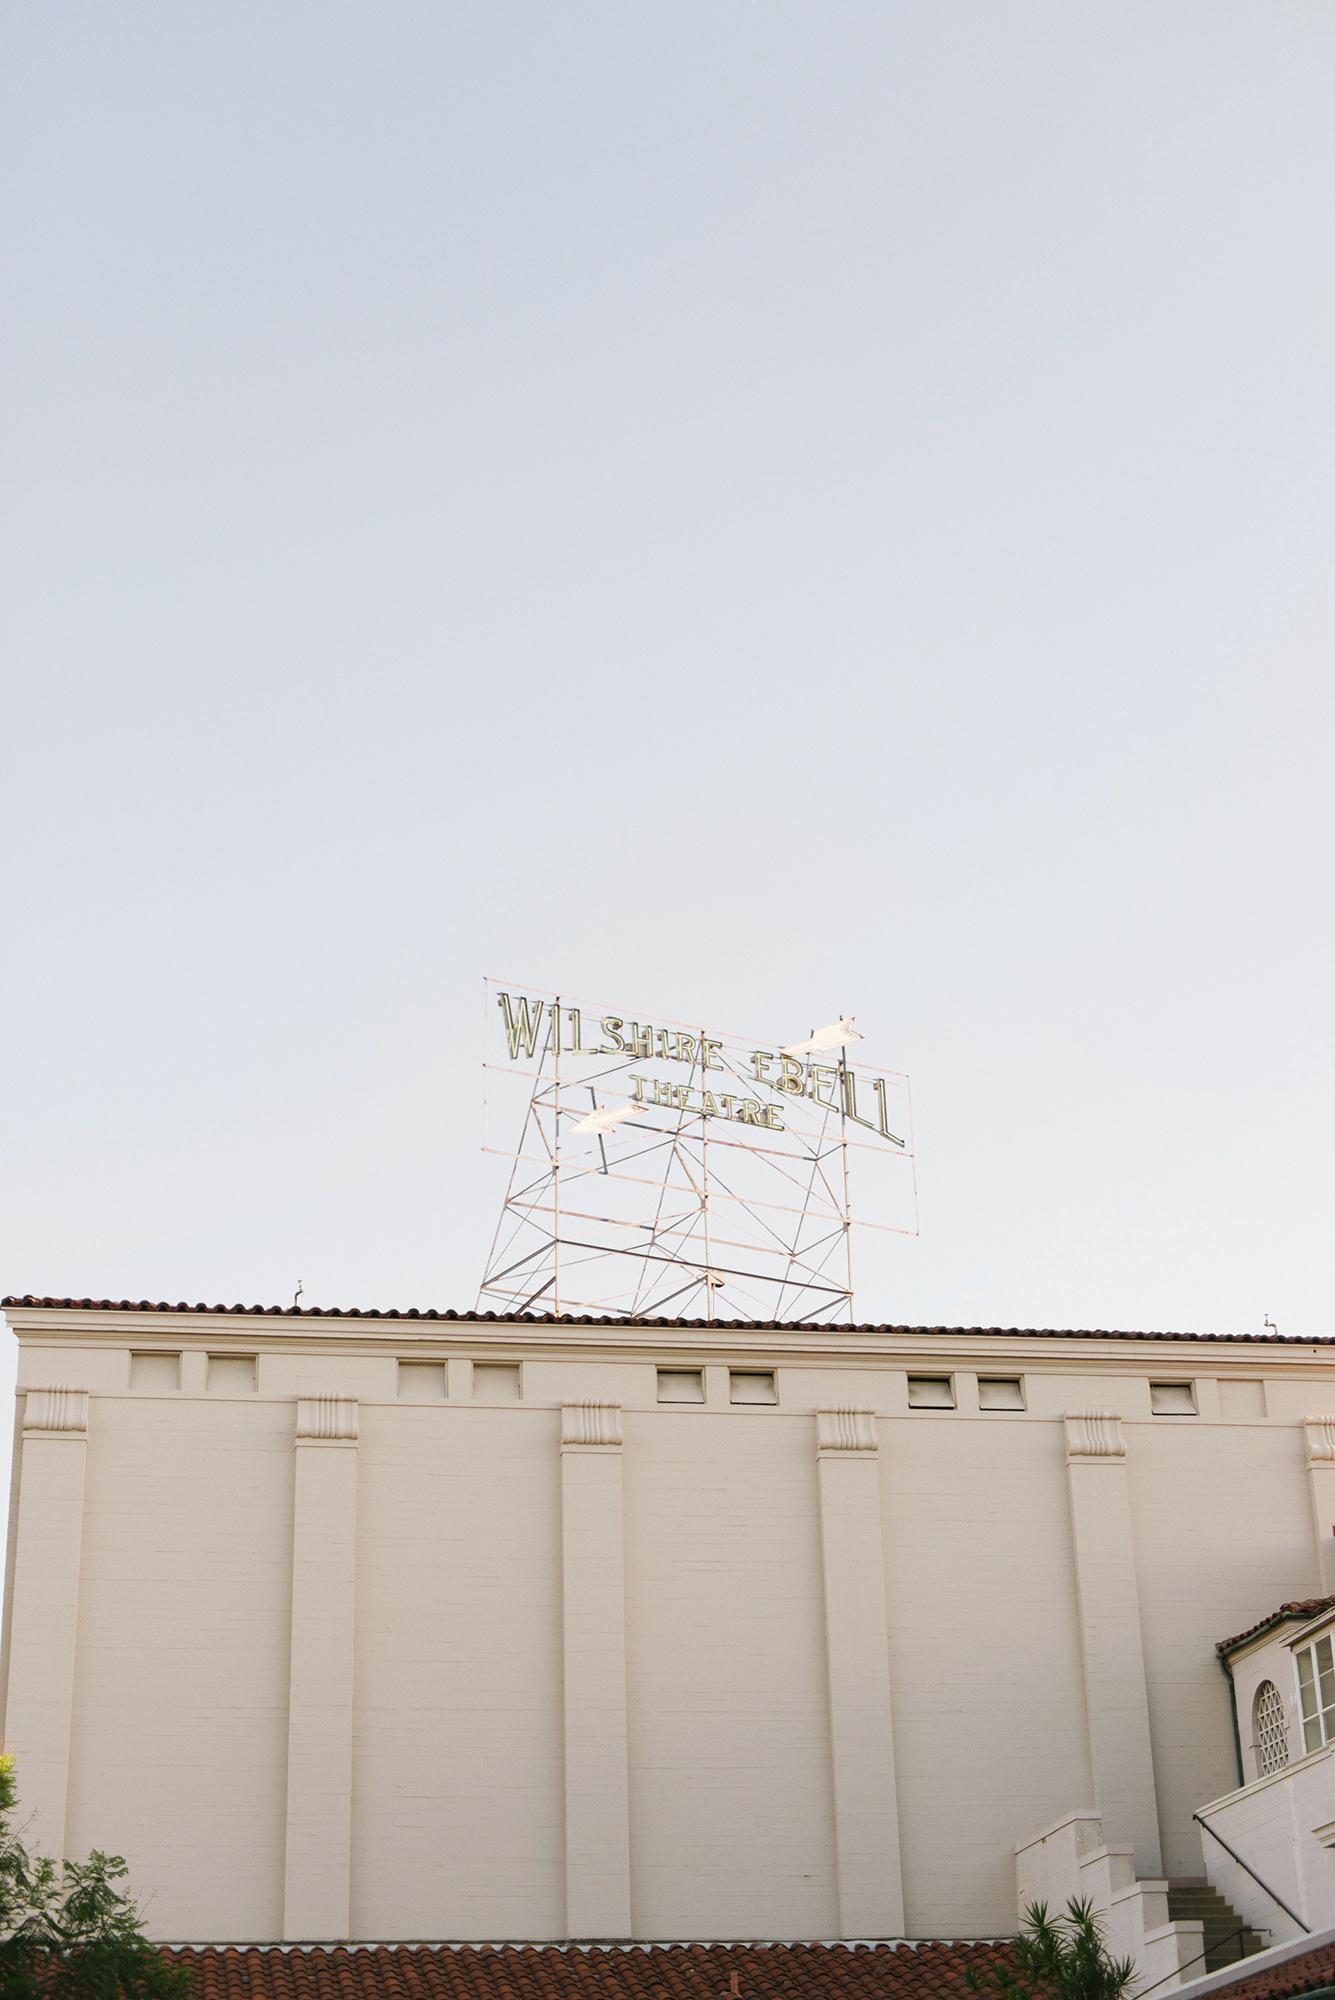 sfw-30.jpg